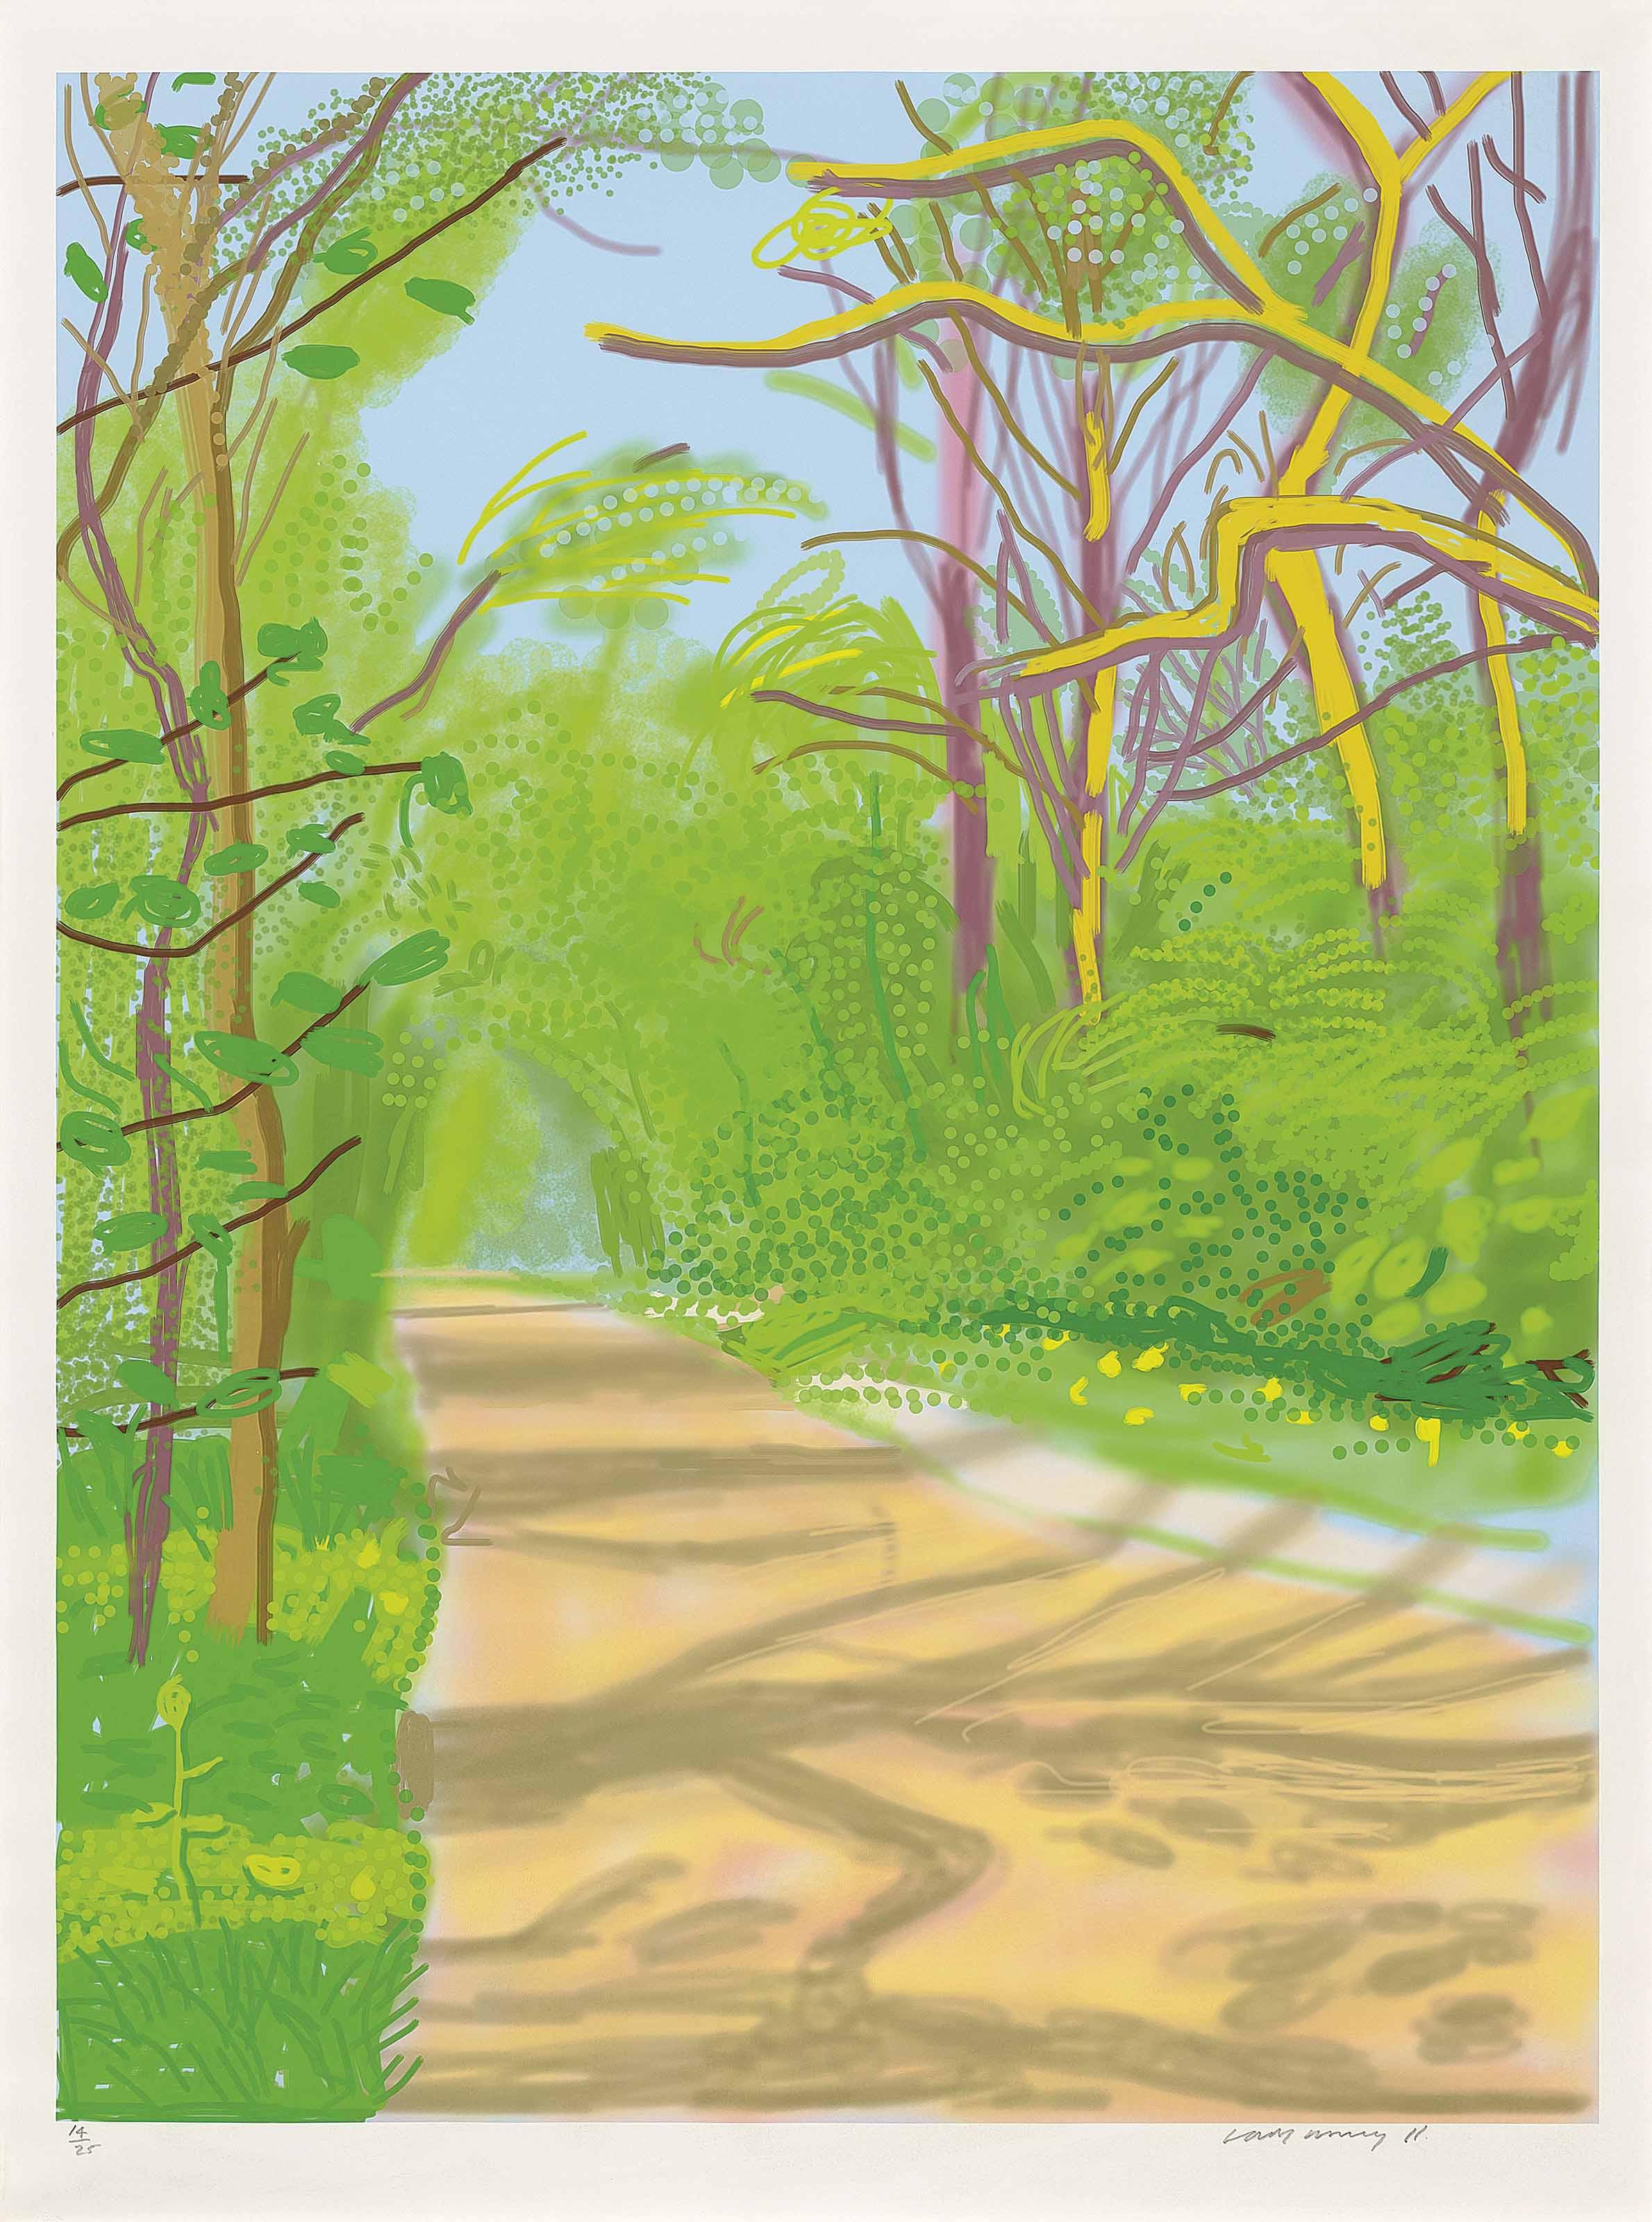 David Hockney B 1937 The Arrival Of Spring In